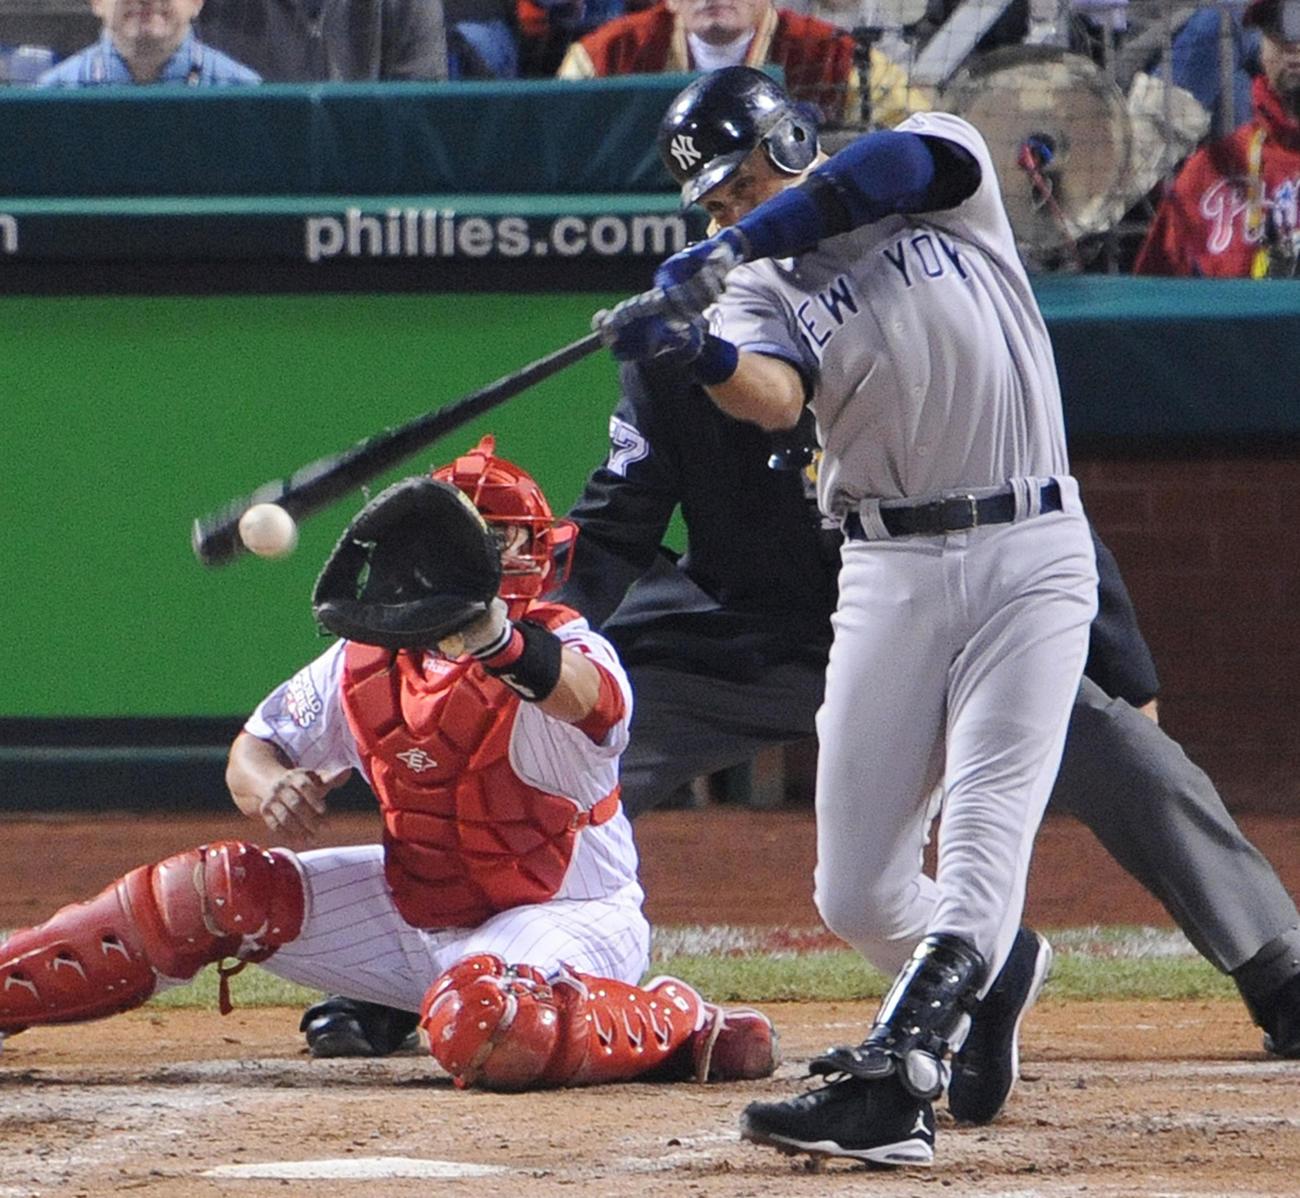 2009年11月1日、ワールドシリーズ第4戦 フィリーズ対ヤンキース 5回表、左前に適時打を放つジーター